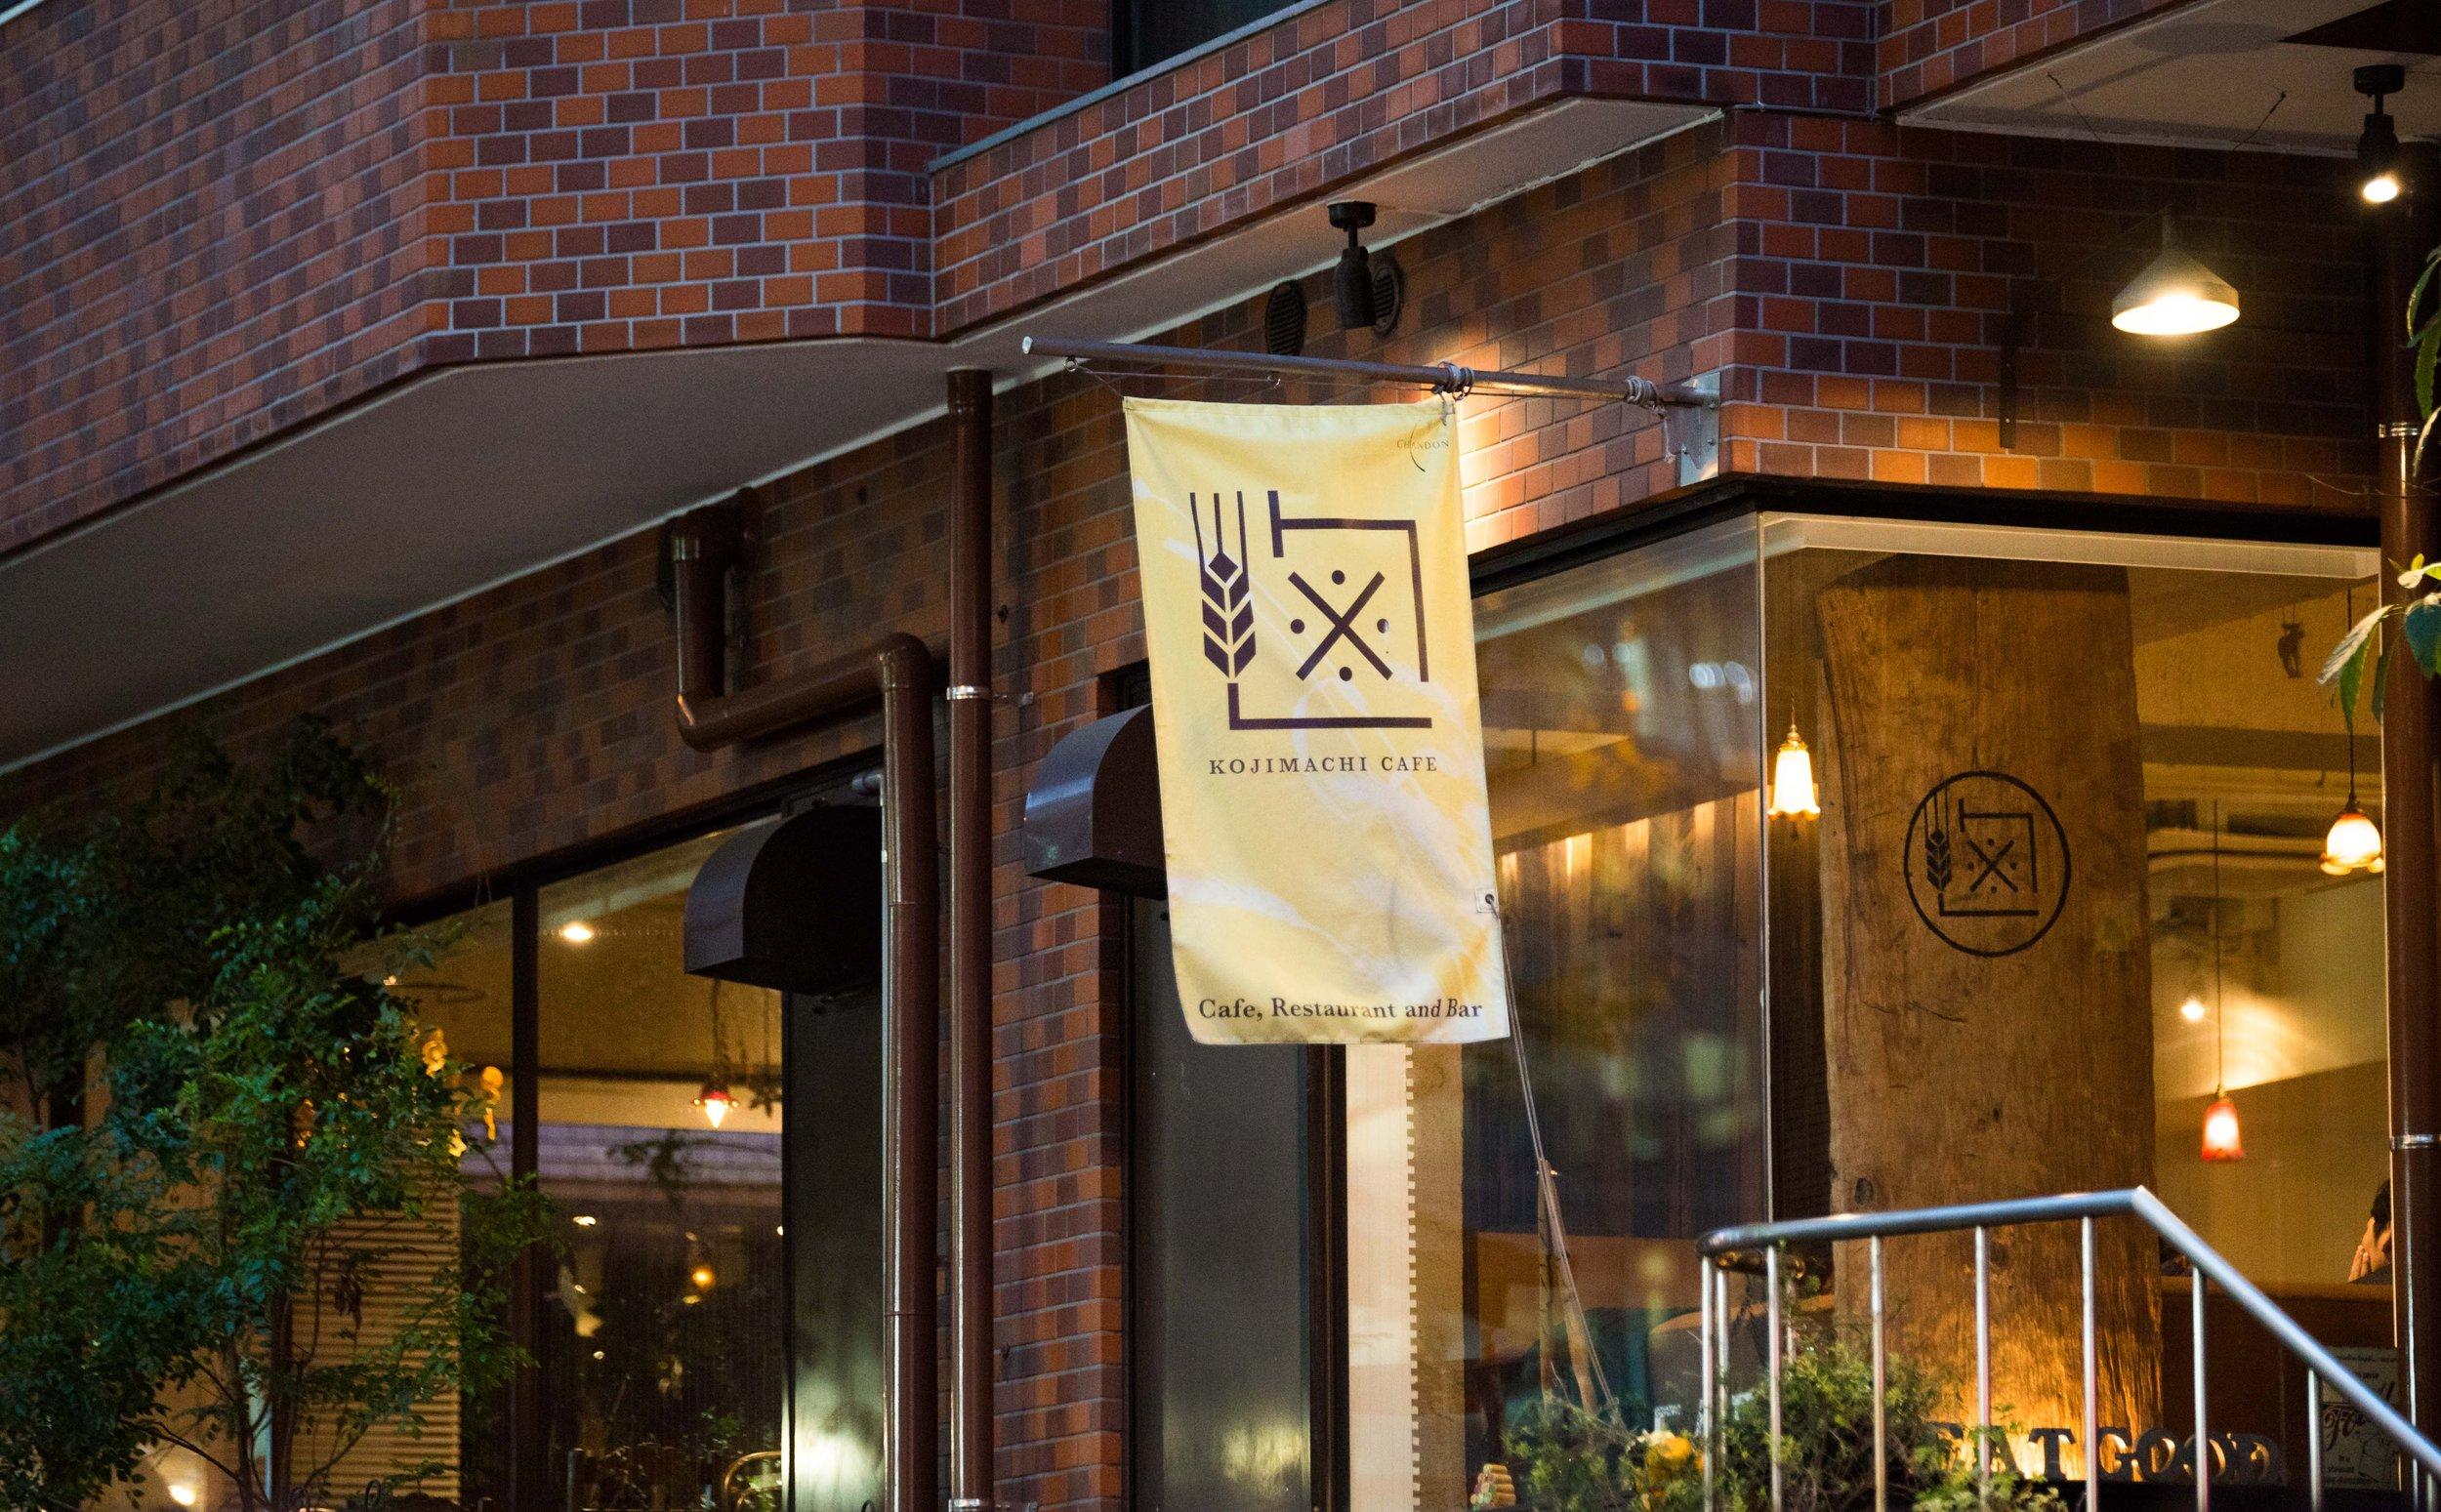 Kojimachi Cafe